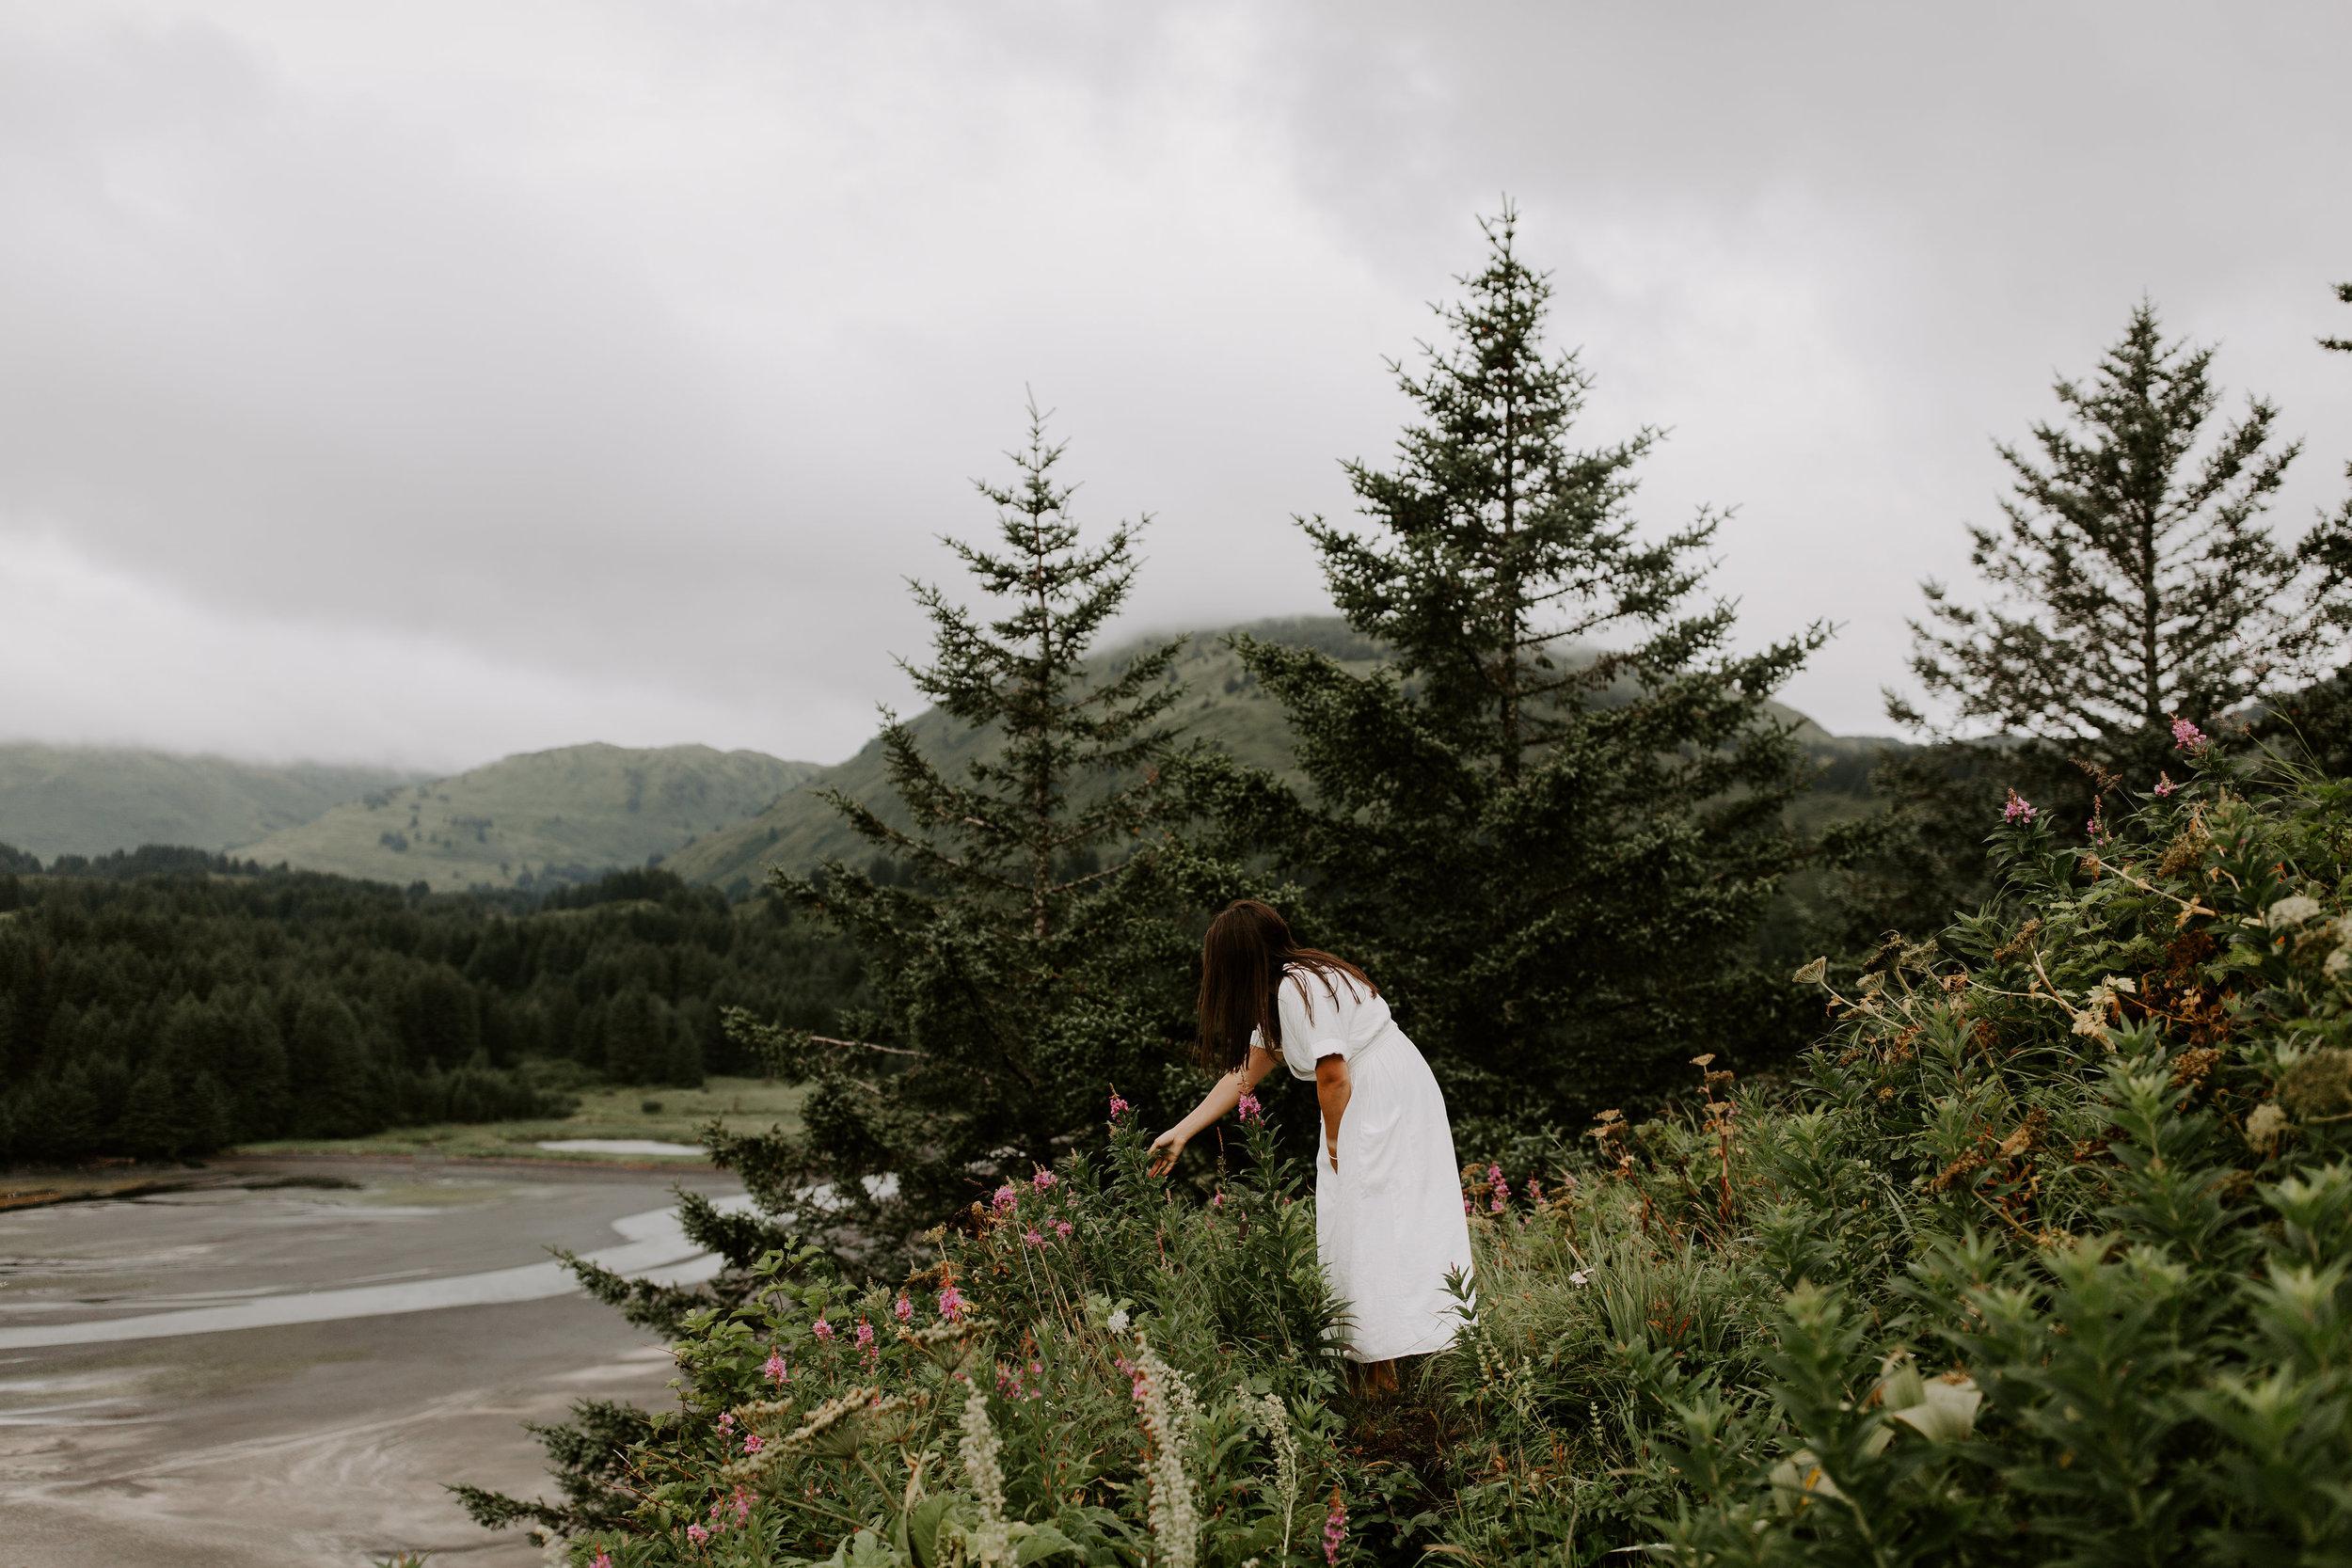 alaskaweddingphotography_SBP-96.jpg